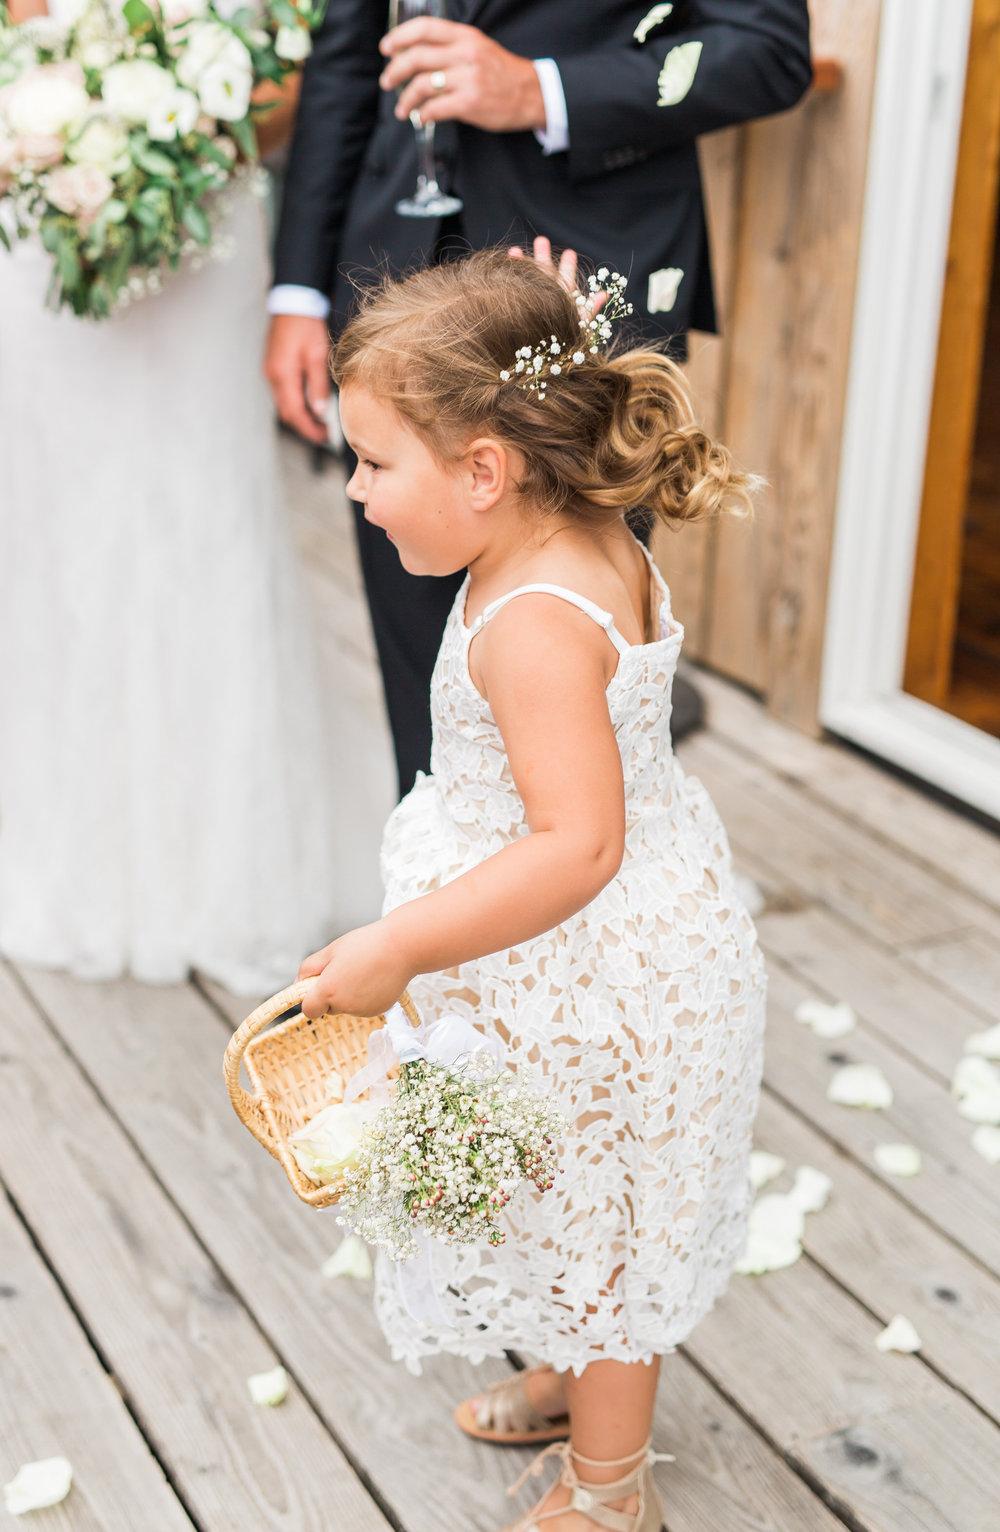 West Coast Wilderness Lodge Wedding - Jennife Picard Photography - Sunshine Coast Wedding Photographer - Vancouver Wedding PhotographerIMG_2844.jpg